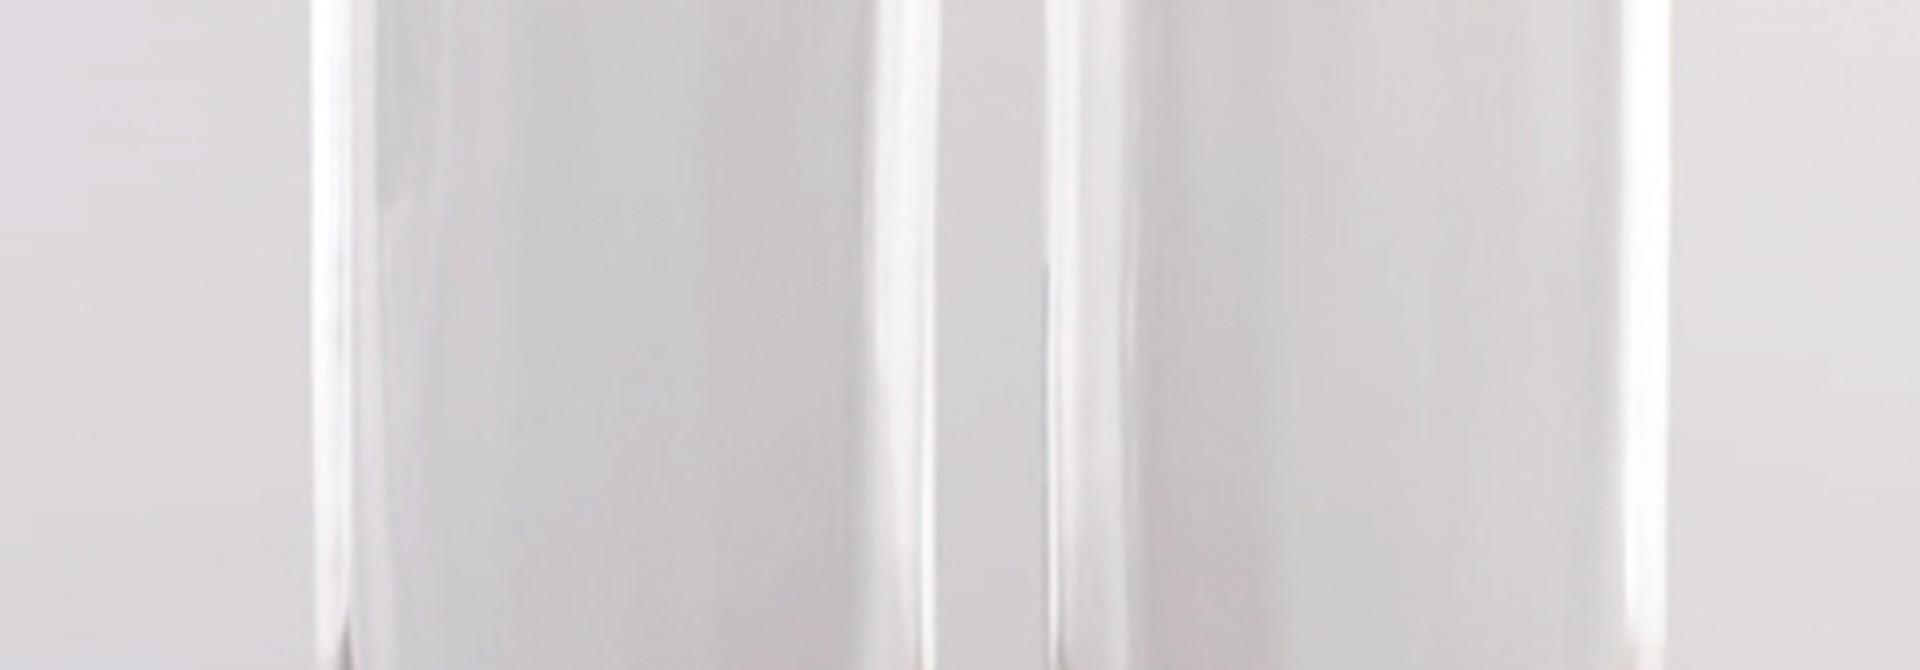 Tall Tumbler - Amyethyst